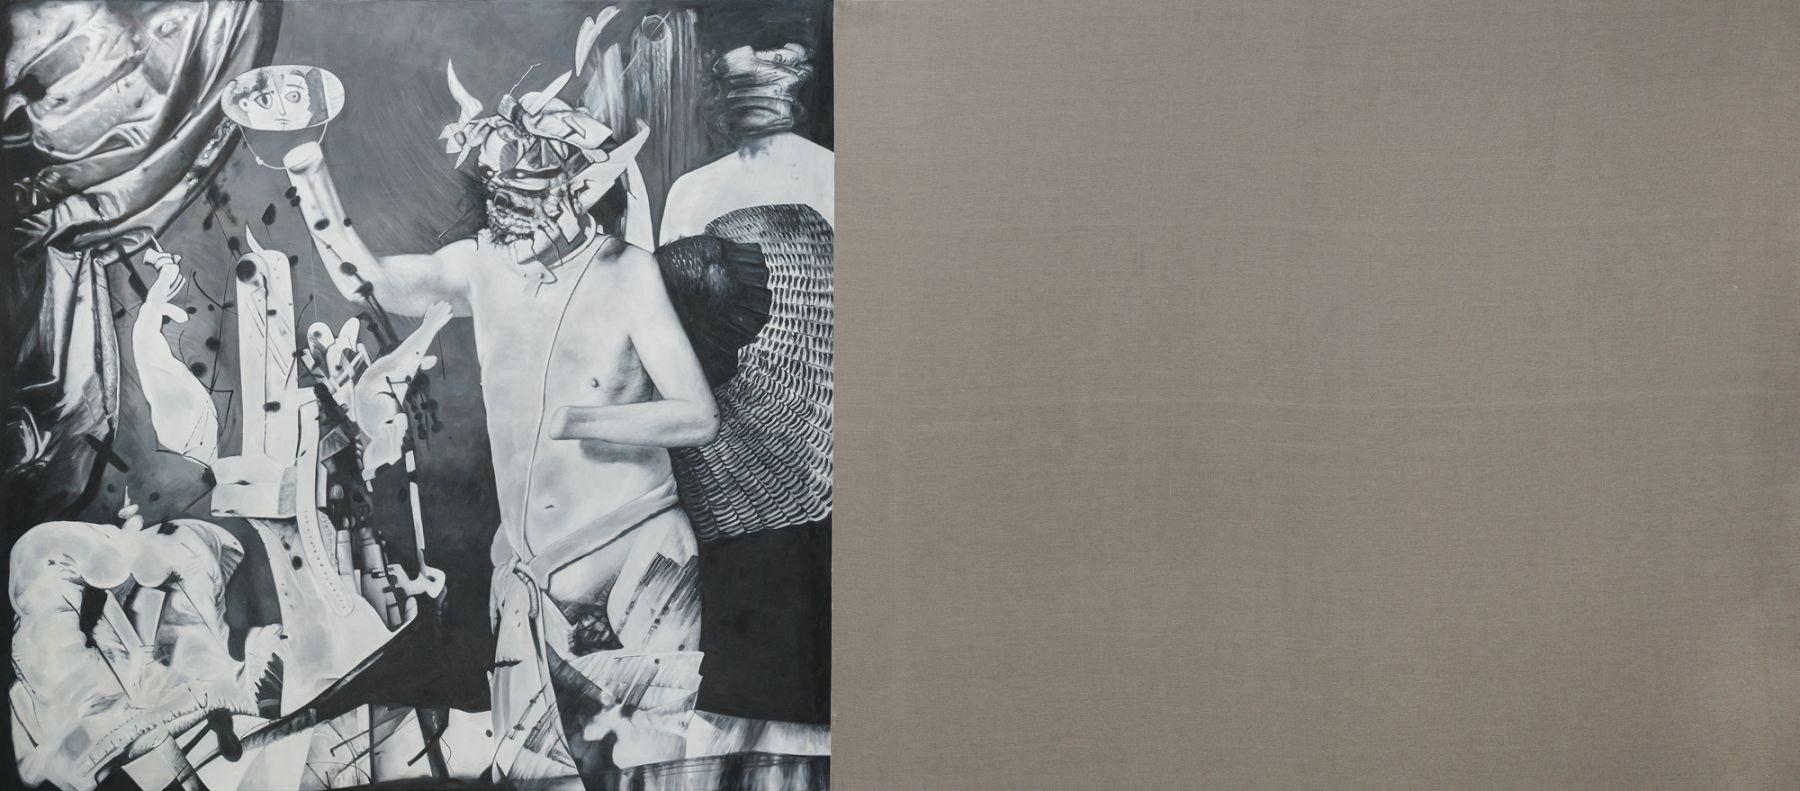 Christian Jankowski, Neue Malerei - Picasso I